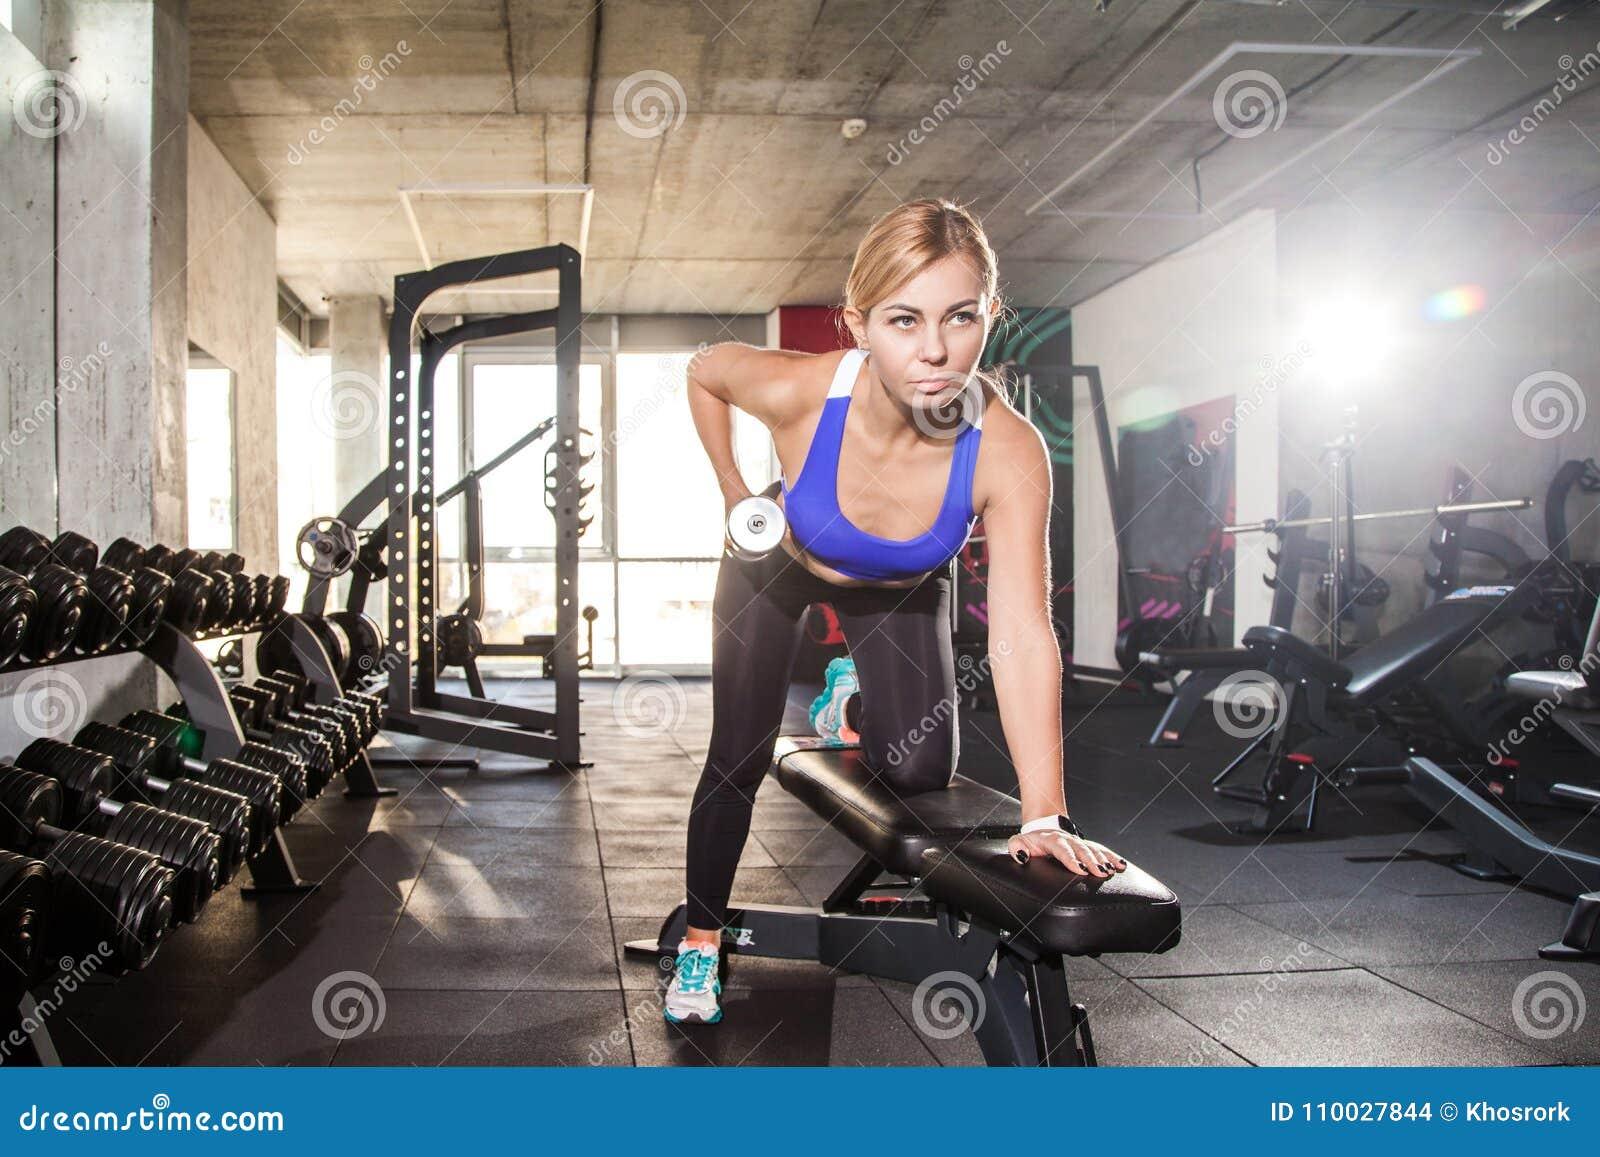 De opdrukoefeningendomoor van de blonde sportieve vrouw